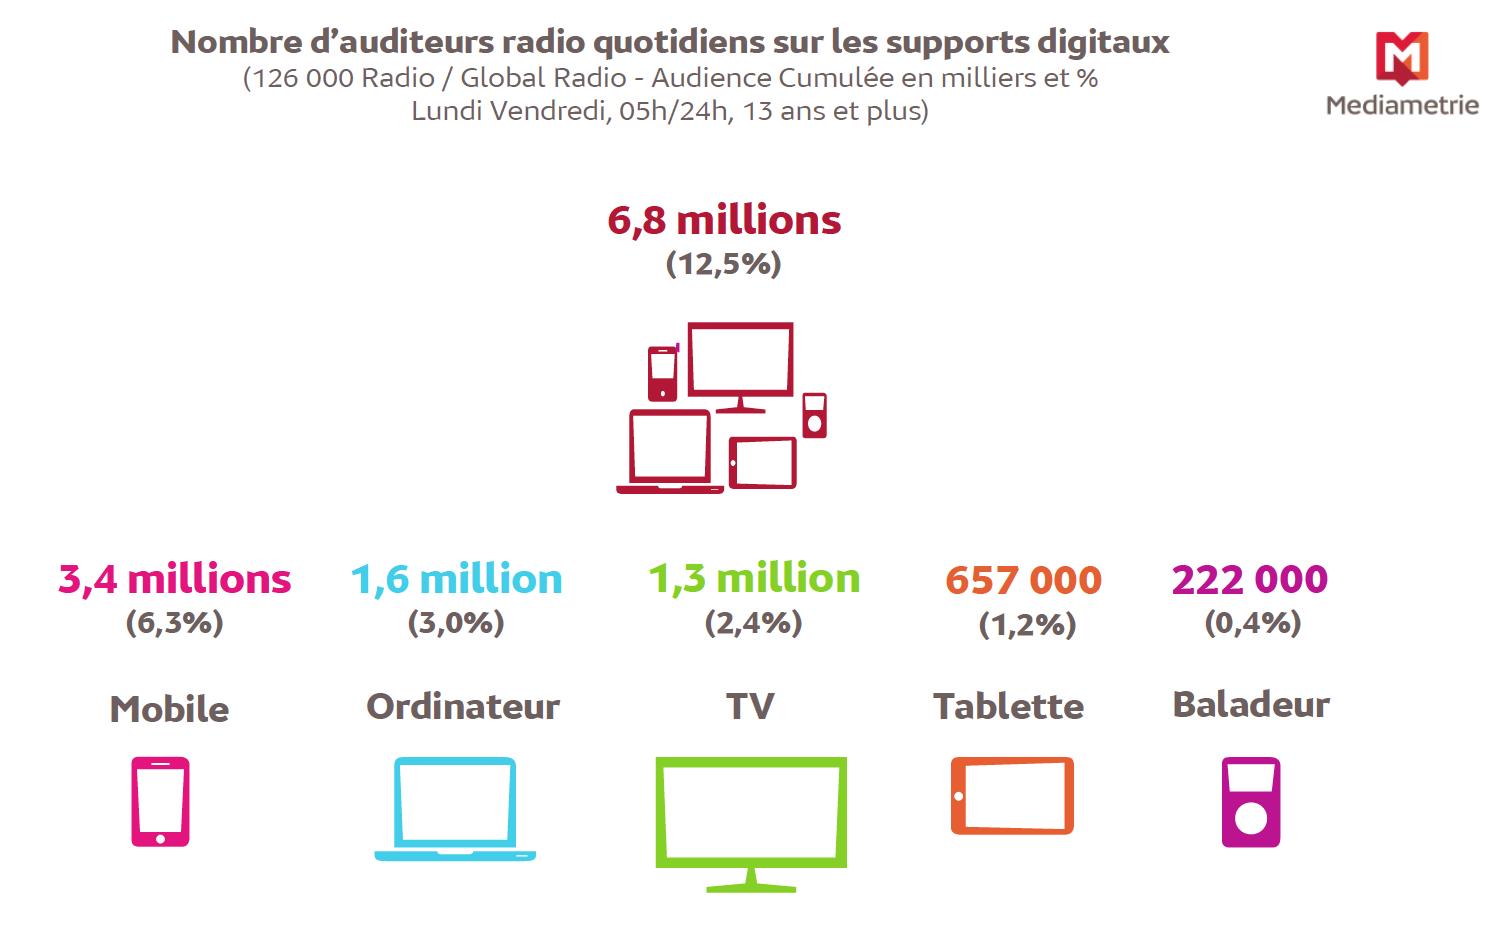 Source : Médiamétrie – 126 000 Radio / Global 126 000 Radio  – janvier mars 2017 Copyright Médiamétrie - Tous droits réservés